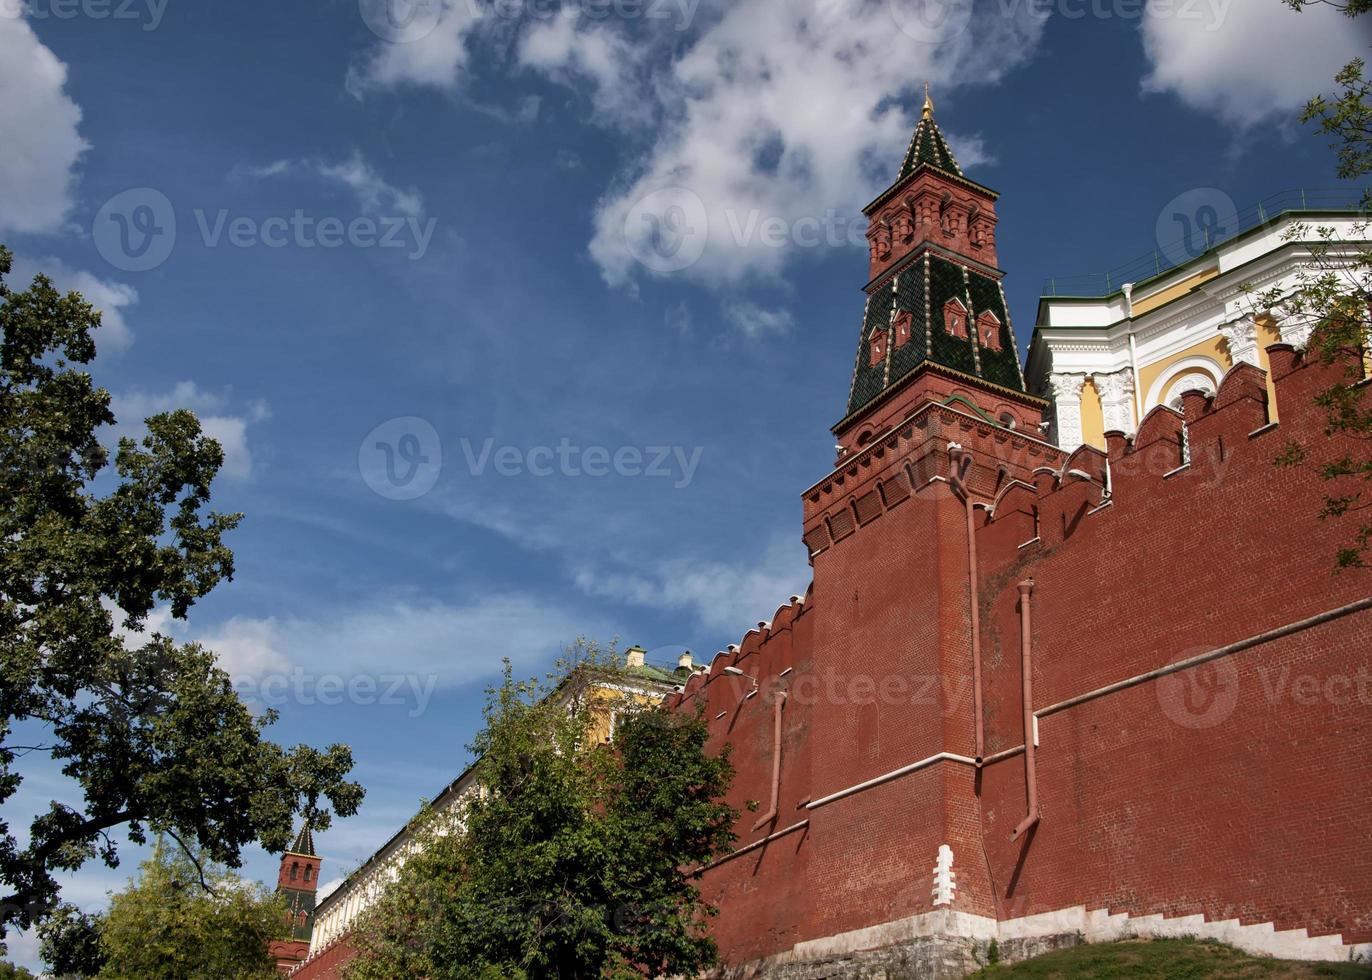 Russland, Moskau: Wall mit Turm des Kremls. foto